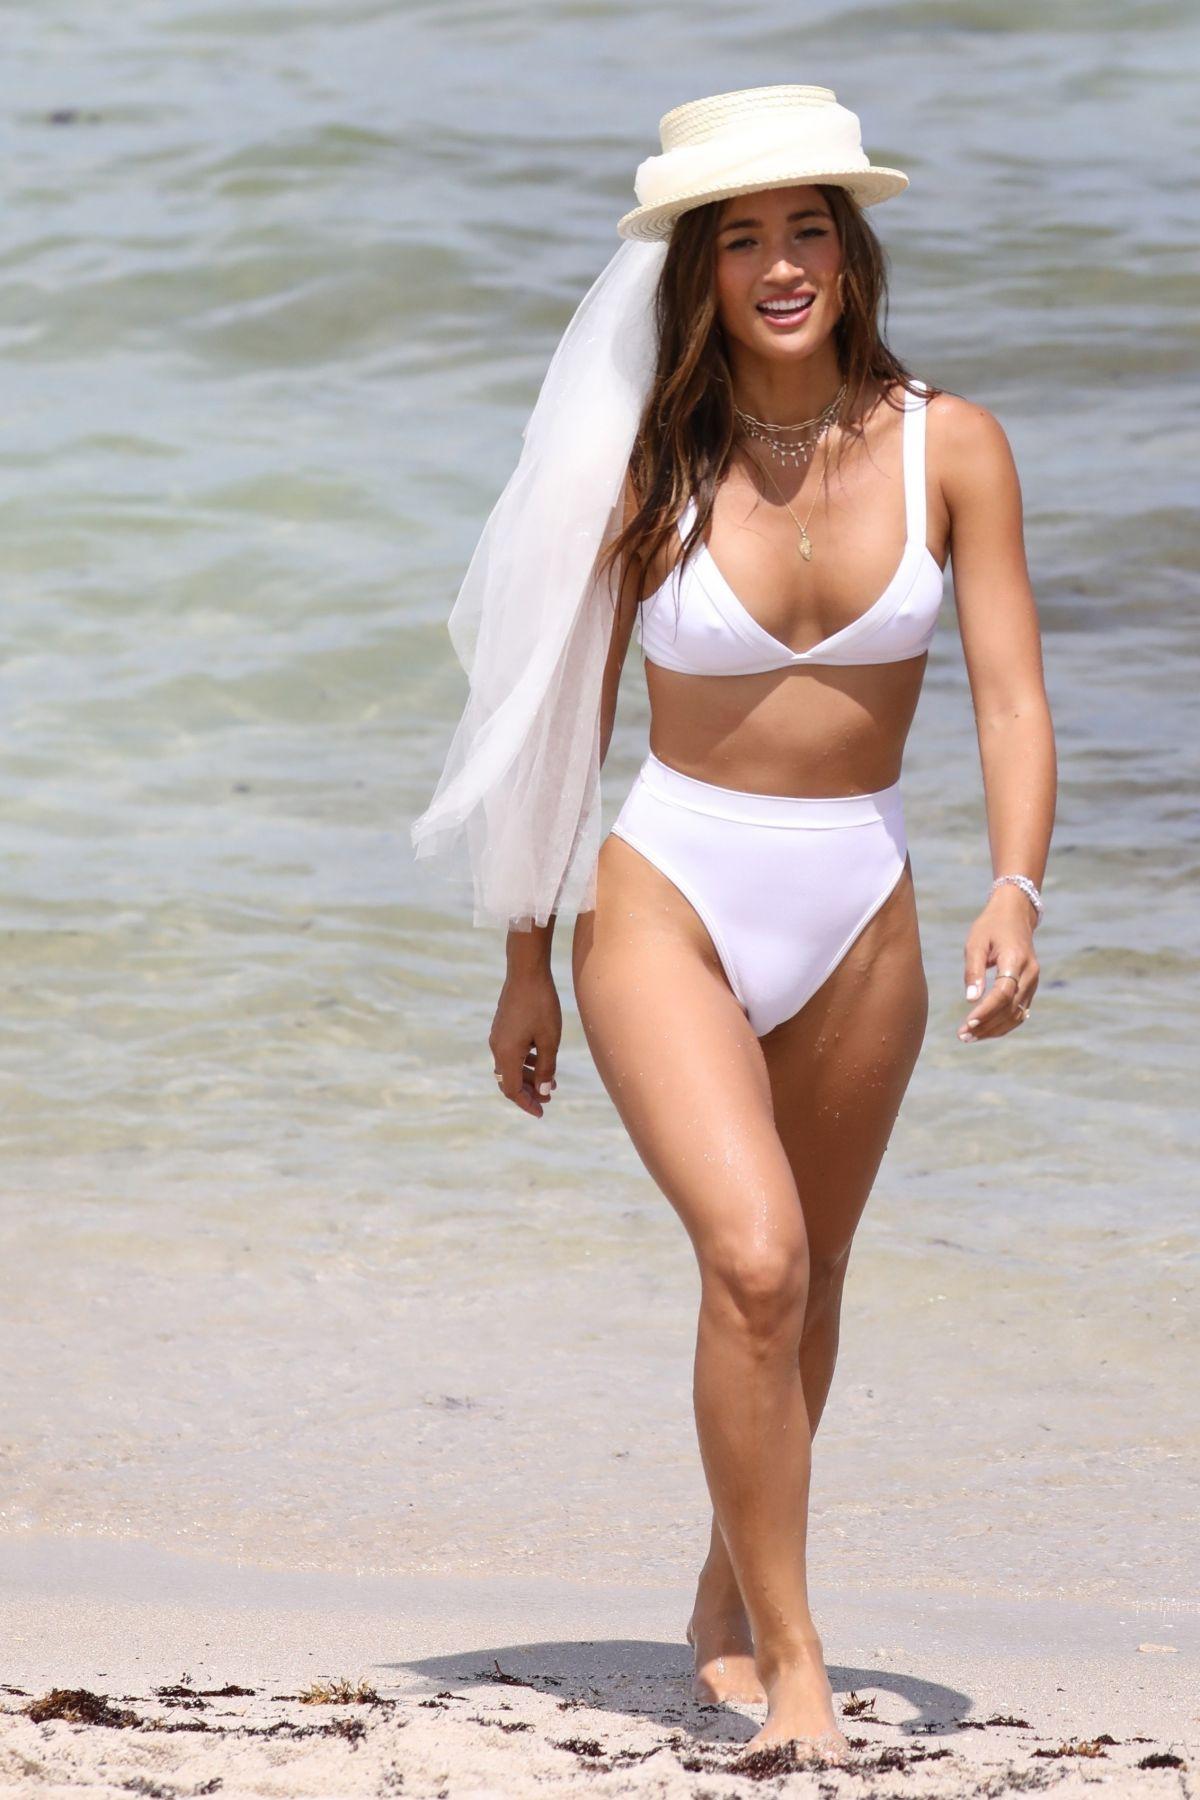 Nude Serena Deeb nude (32 photos), Sexy, Paparazzi, Boobs, cleavage 2015